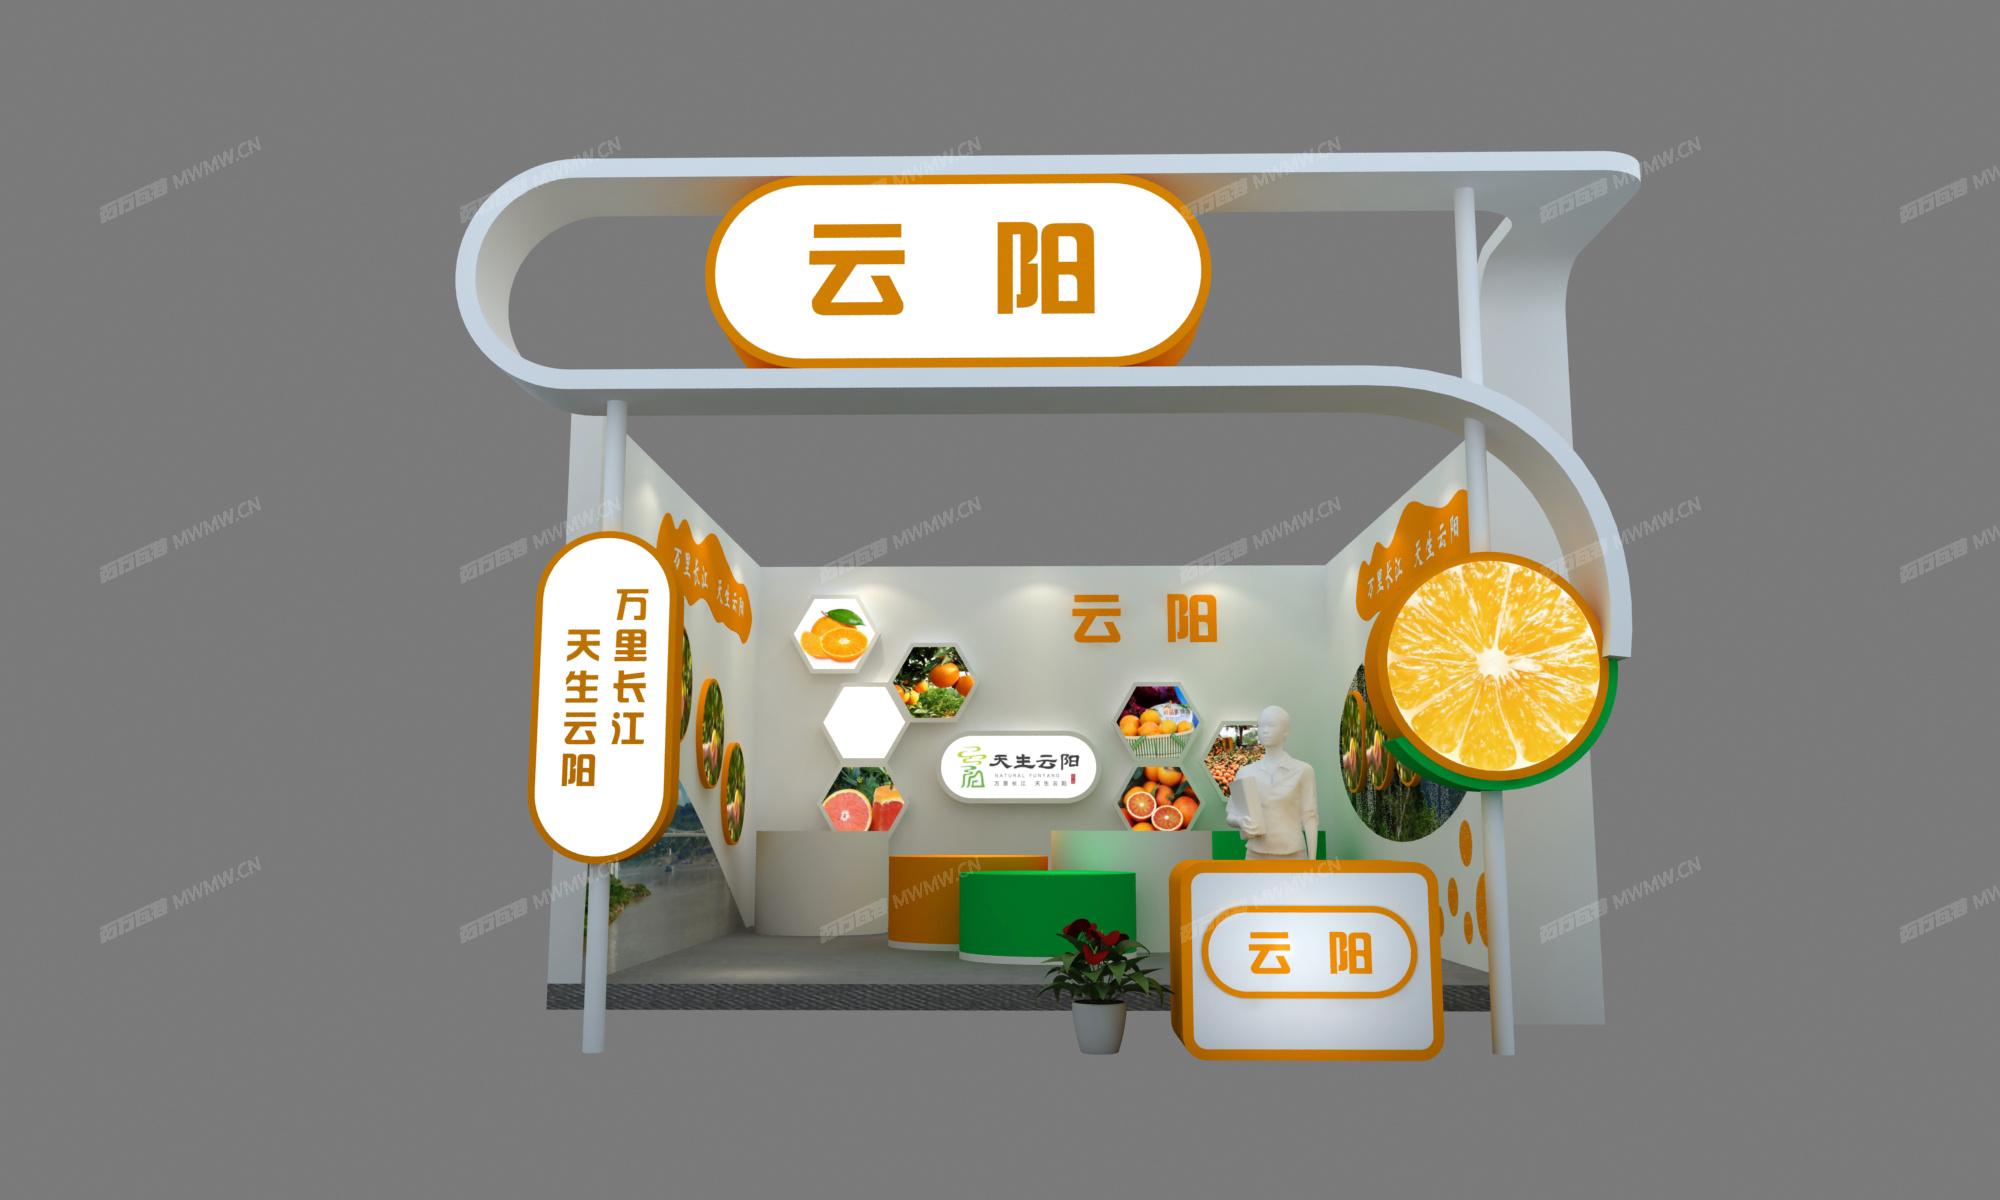 柑橘节_View10.jpg